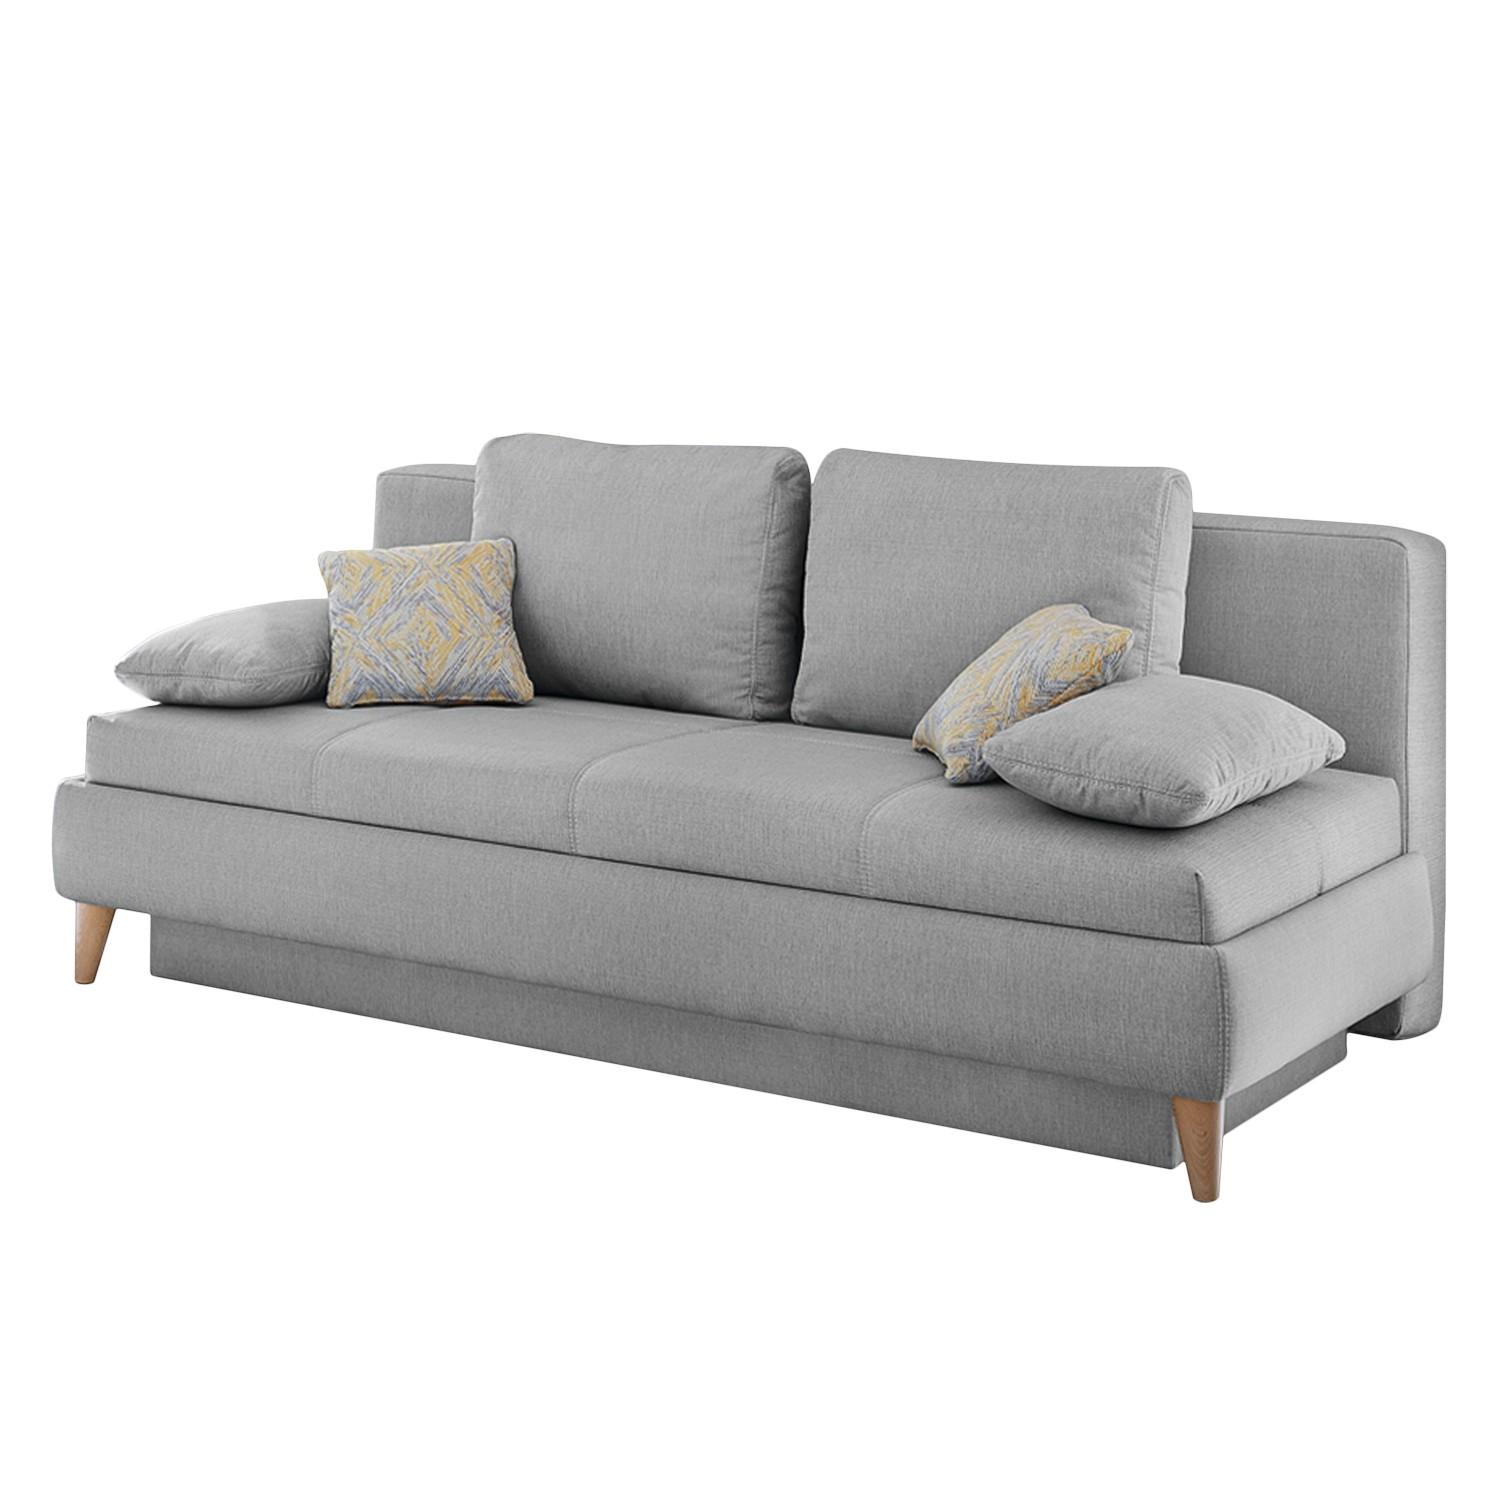 schlafsofa 2 sitzer preisvergleiche erfahrungsberichte. Black Bedroom Furniture Sets. Home Design Ideas